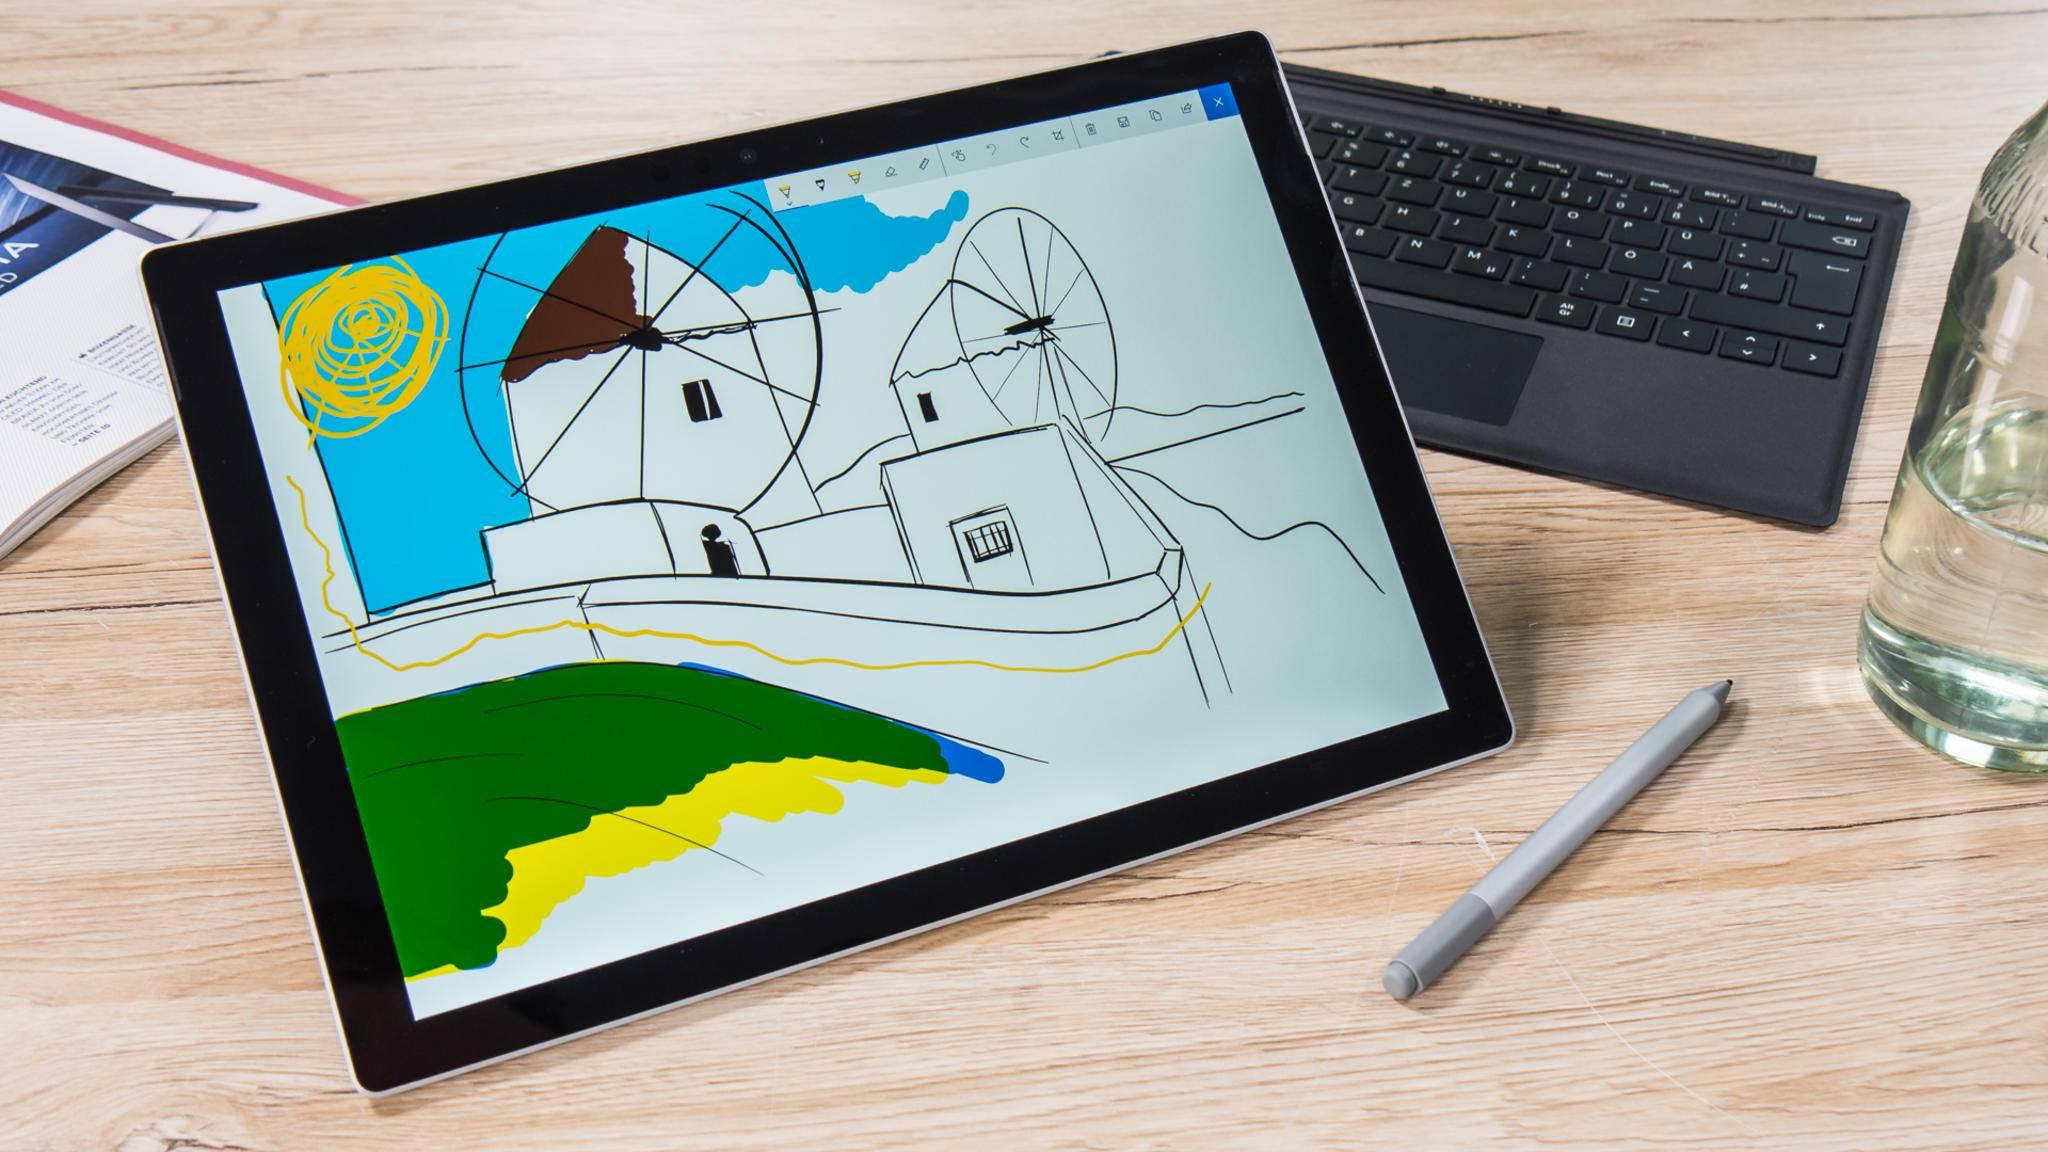 Das Surface-Laptop-Display ist größer, aber das Surface-Pro-Display ist schärfer.